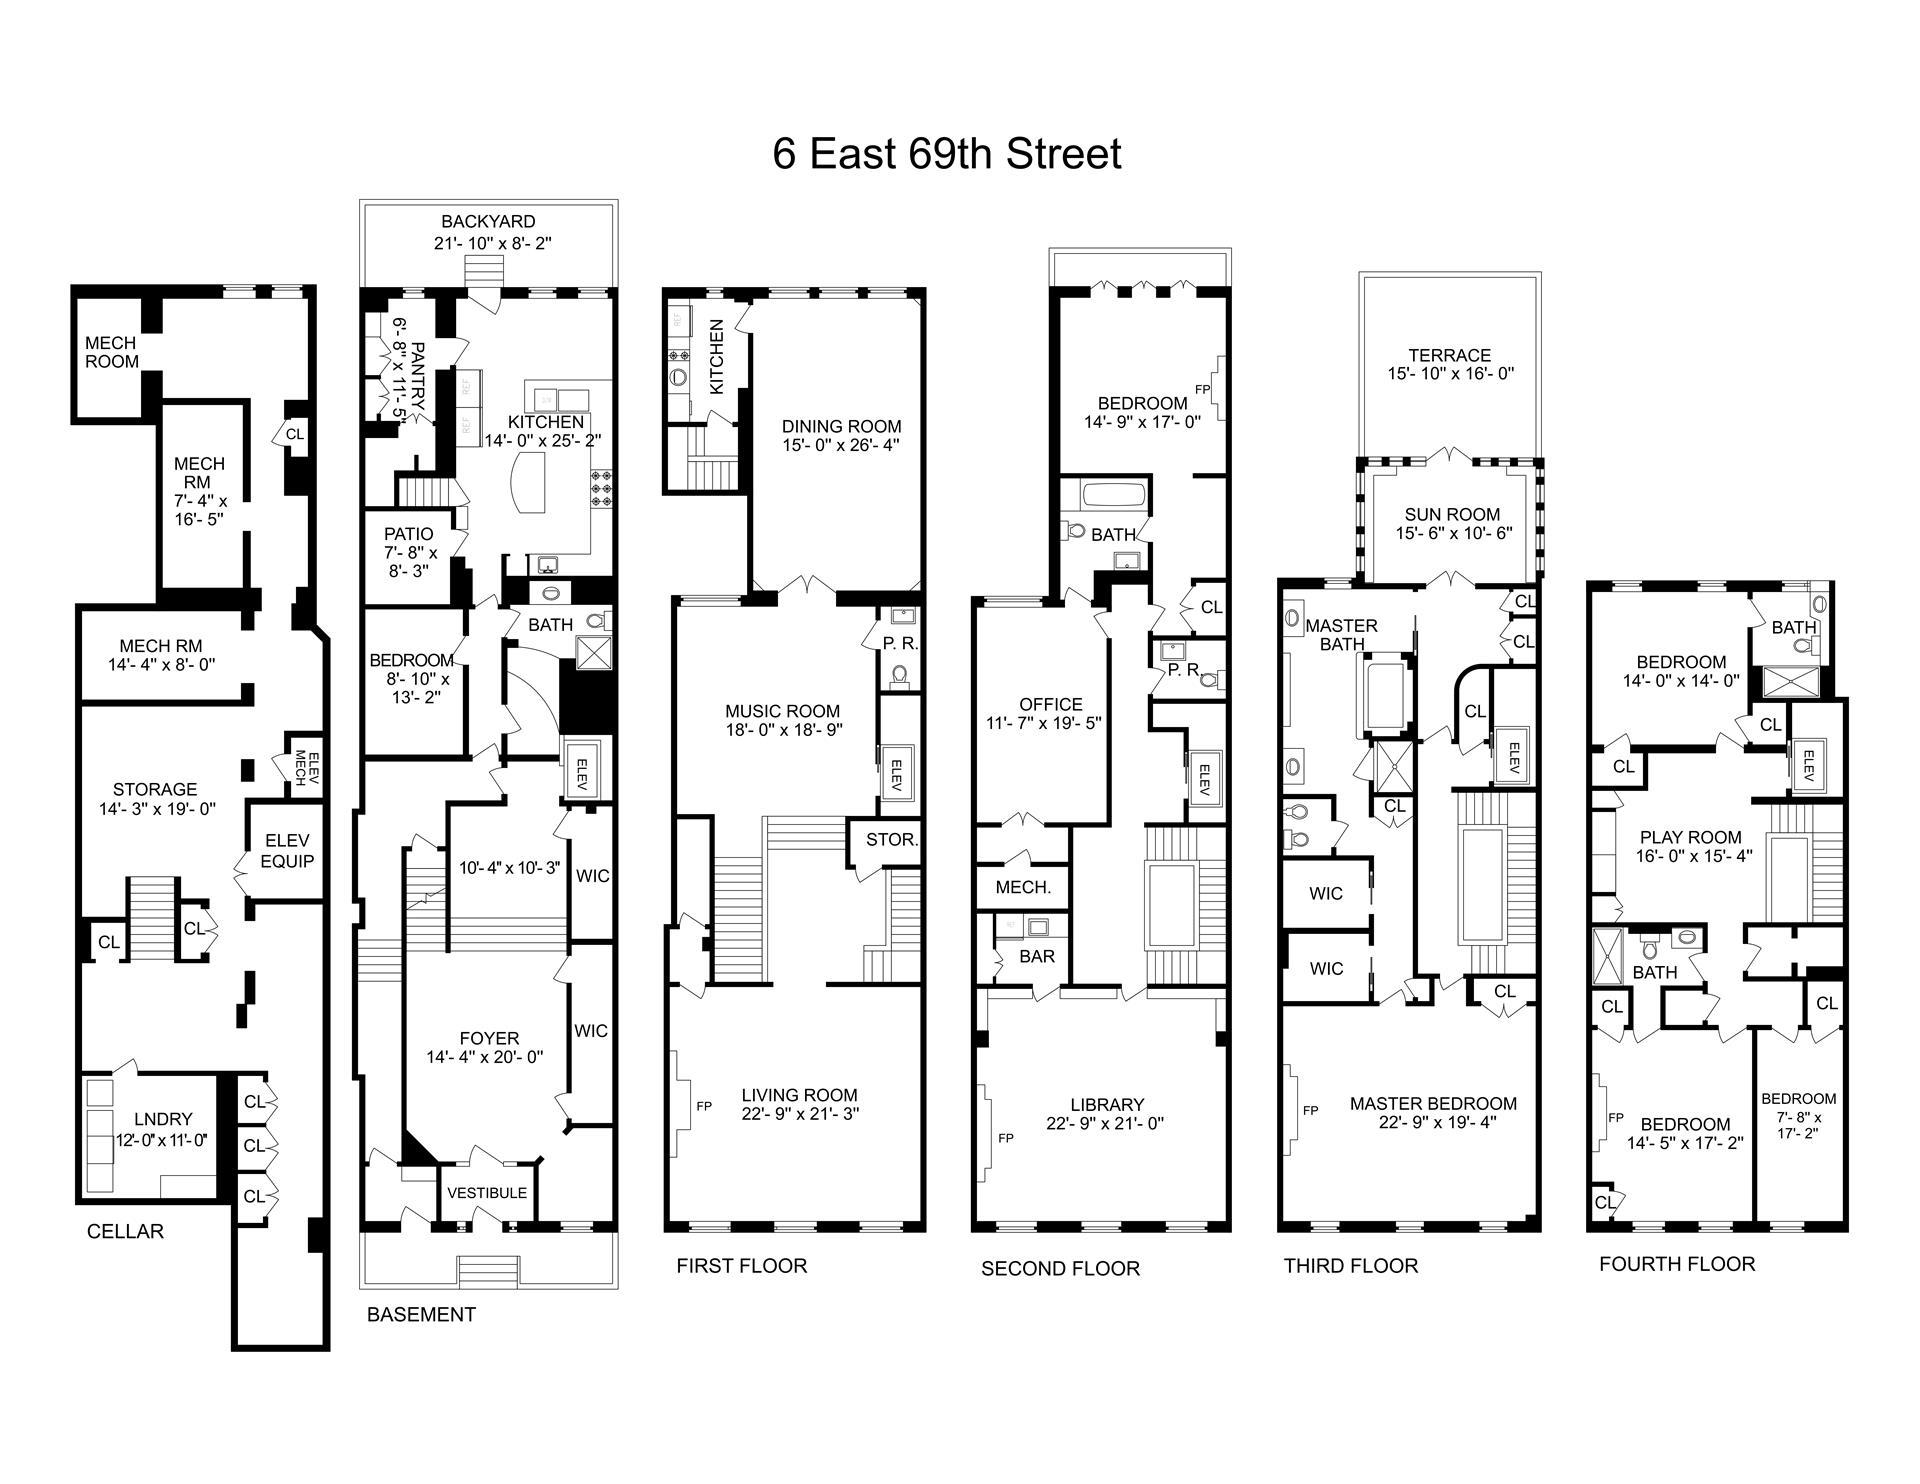 Floor plan of 6 East 69th St - Upper East Side, New York